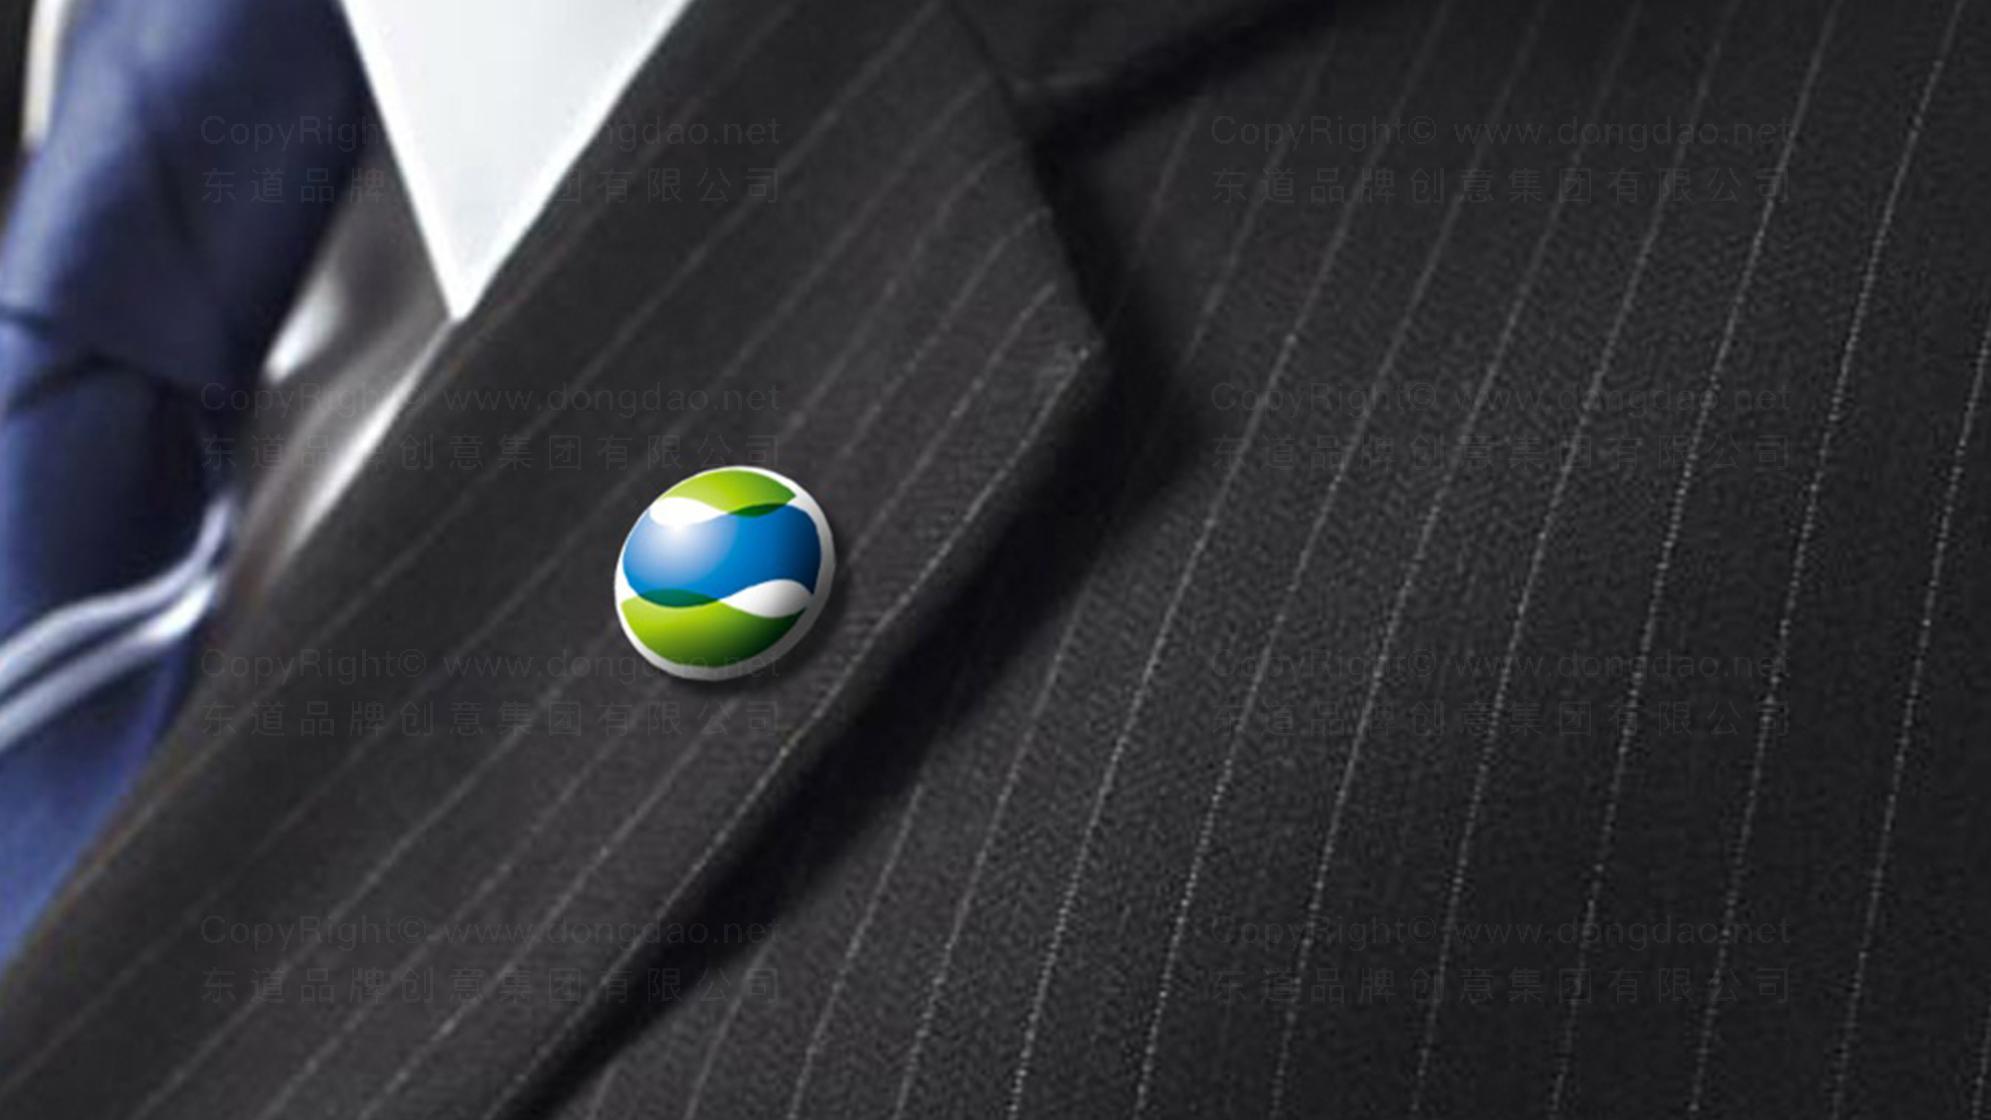 品牌设计大连润滑油技术经济论坛LOGO&VI设计应用场景_5